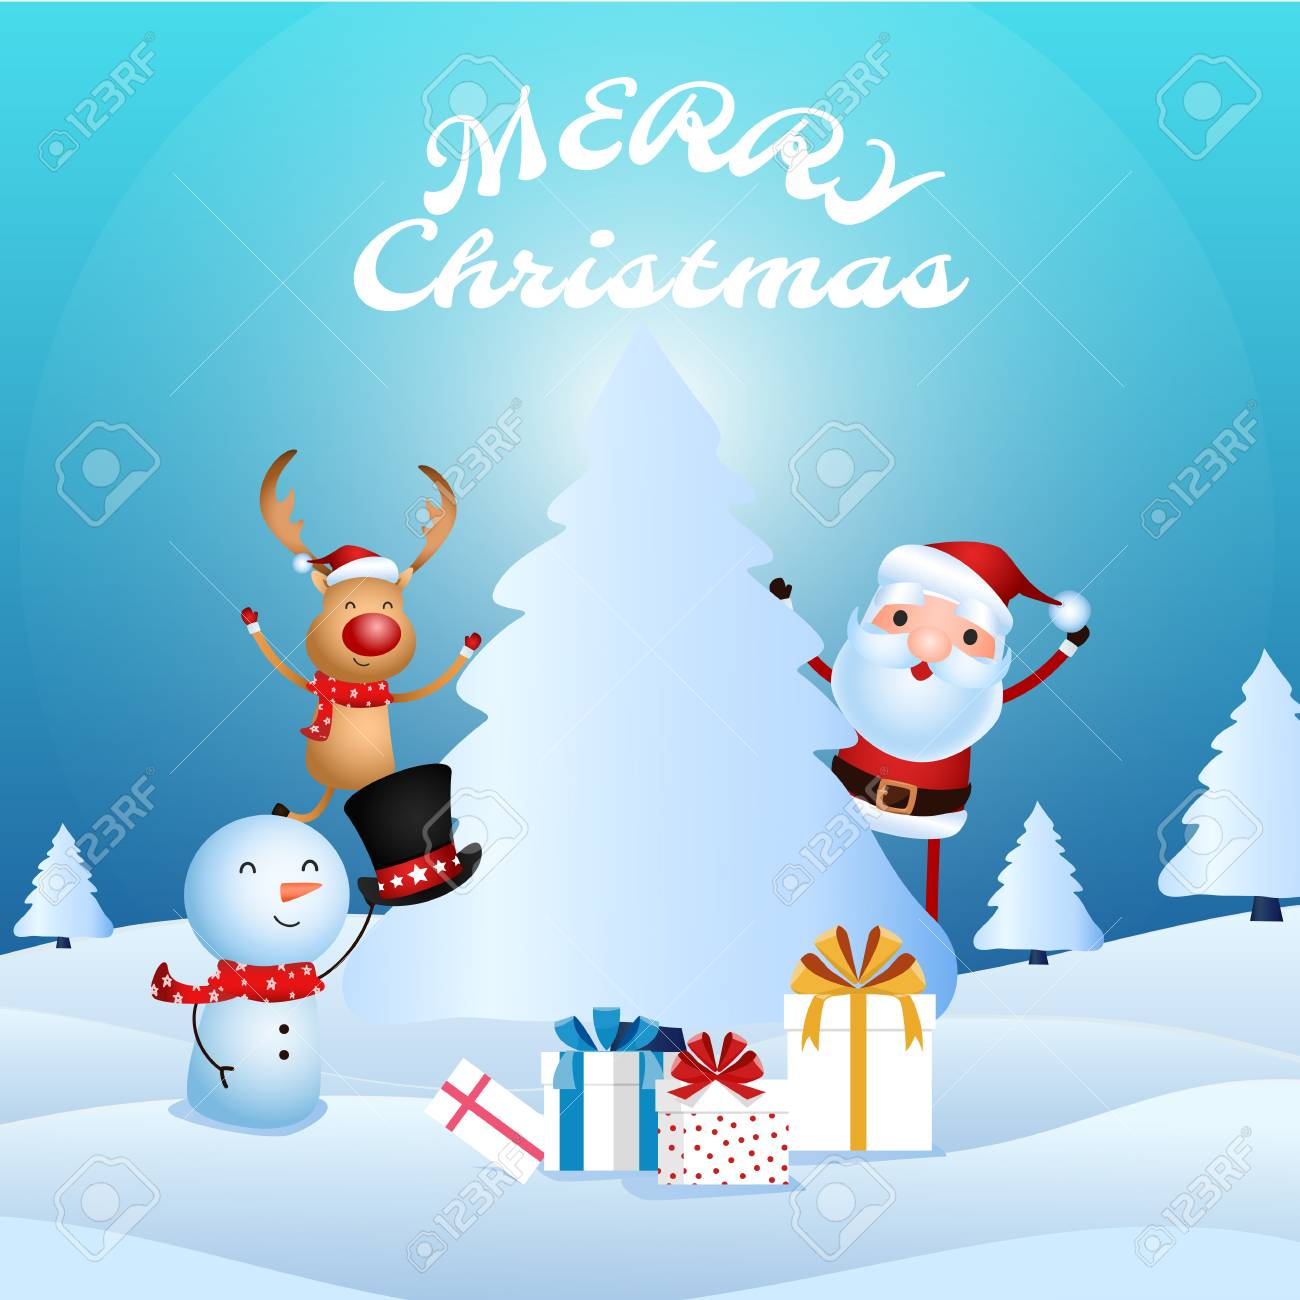 Joyeux Noel Audio.Joyeux Pere Noel Bonhomme De Neige Renne Sont Des Compagnons De Noel Cadeaux De Noel Dans La Scene De Neige Joyeux Noel Et Bonne Annee